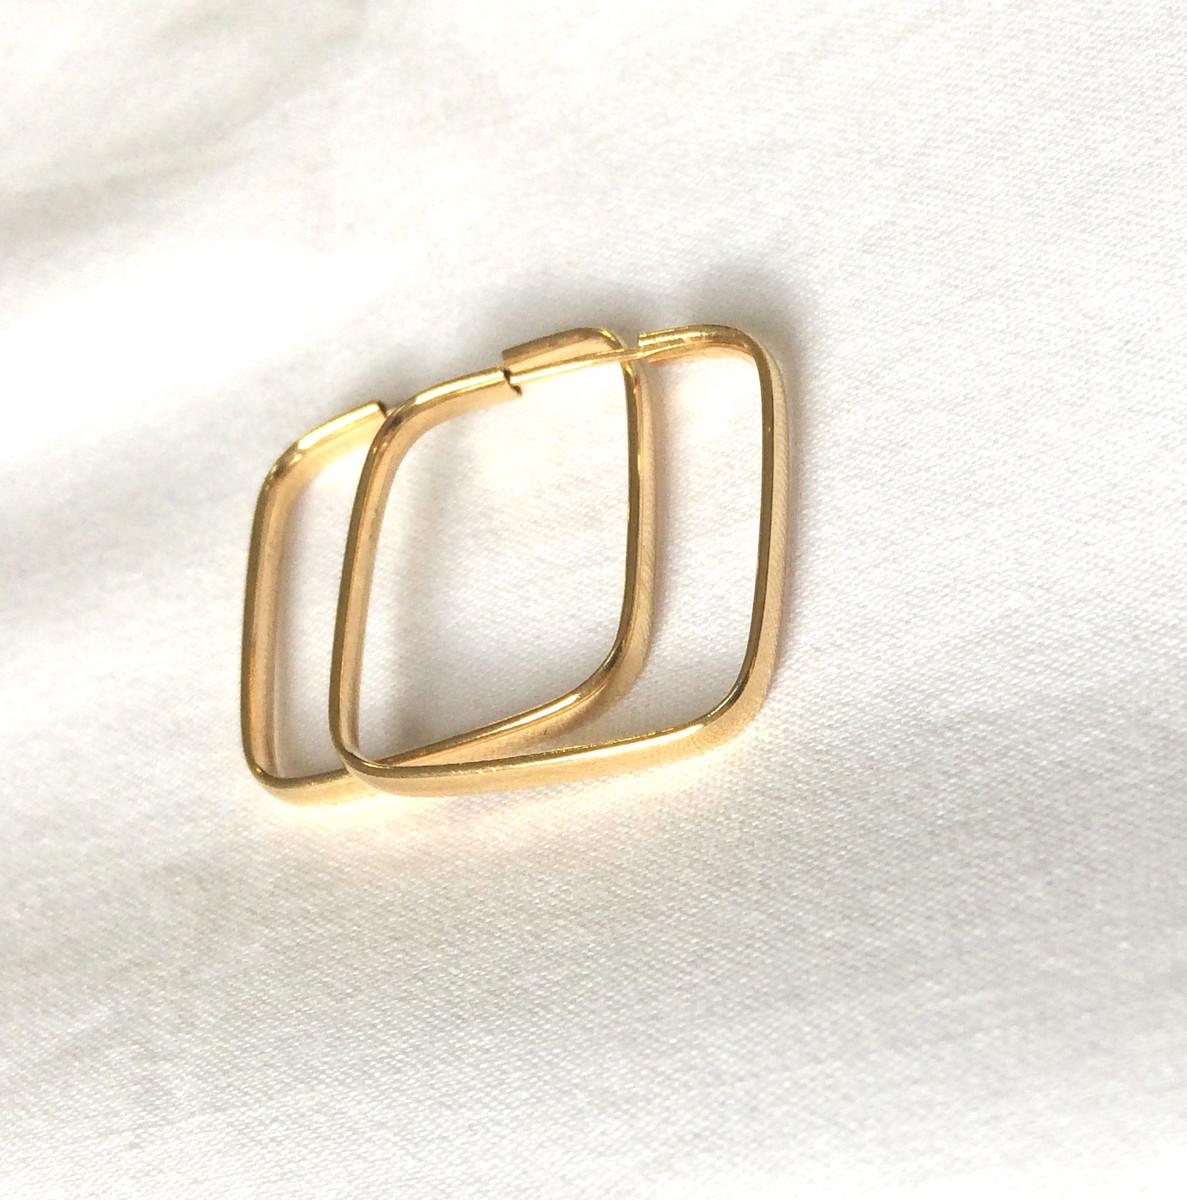 573b66cd26720 Brinco de ouro - argola quadrada 2cm no Elo7